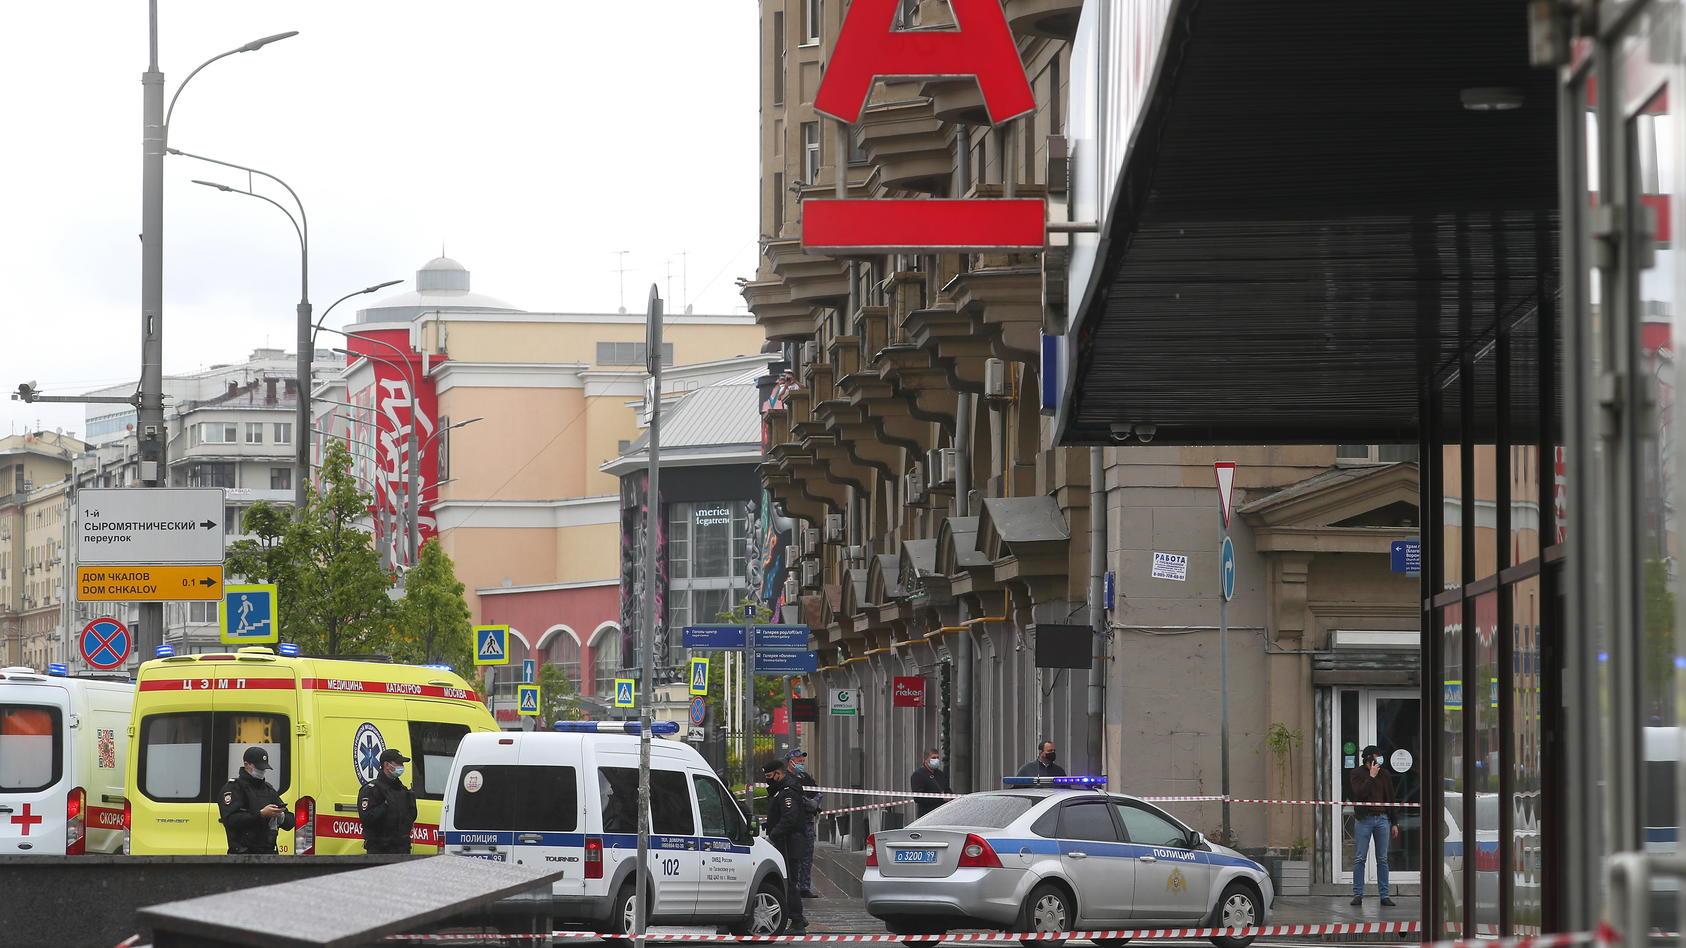 Eine Geiselnahme in einer Bankfiliale in Moskau ist glimpflich zu Ende gegangen.